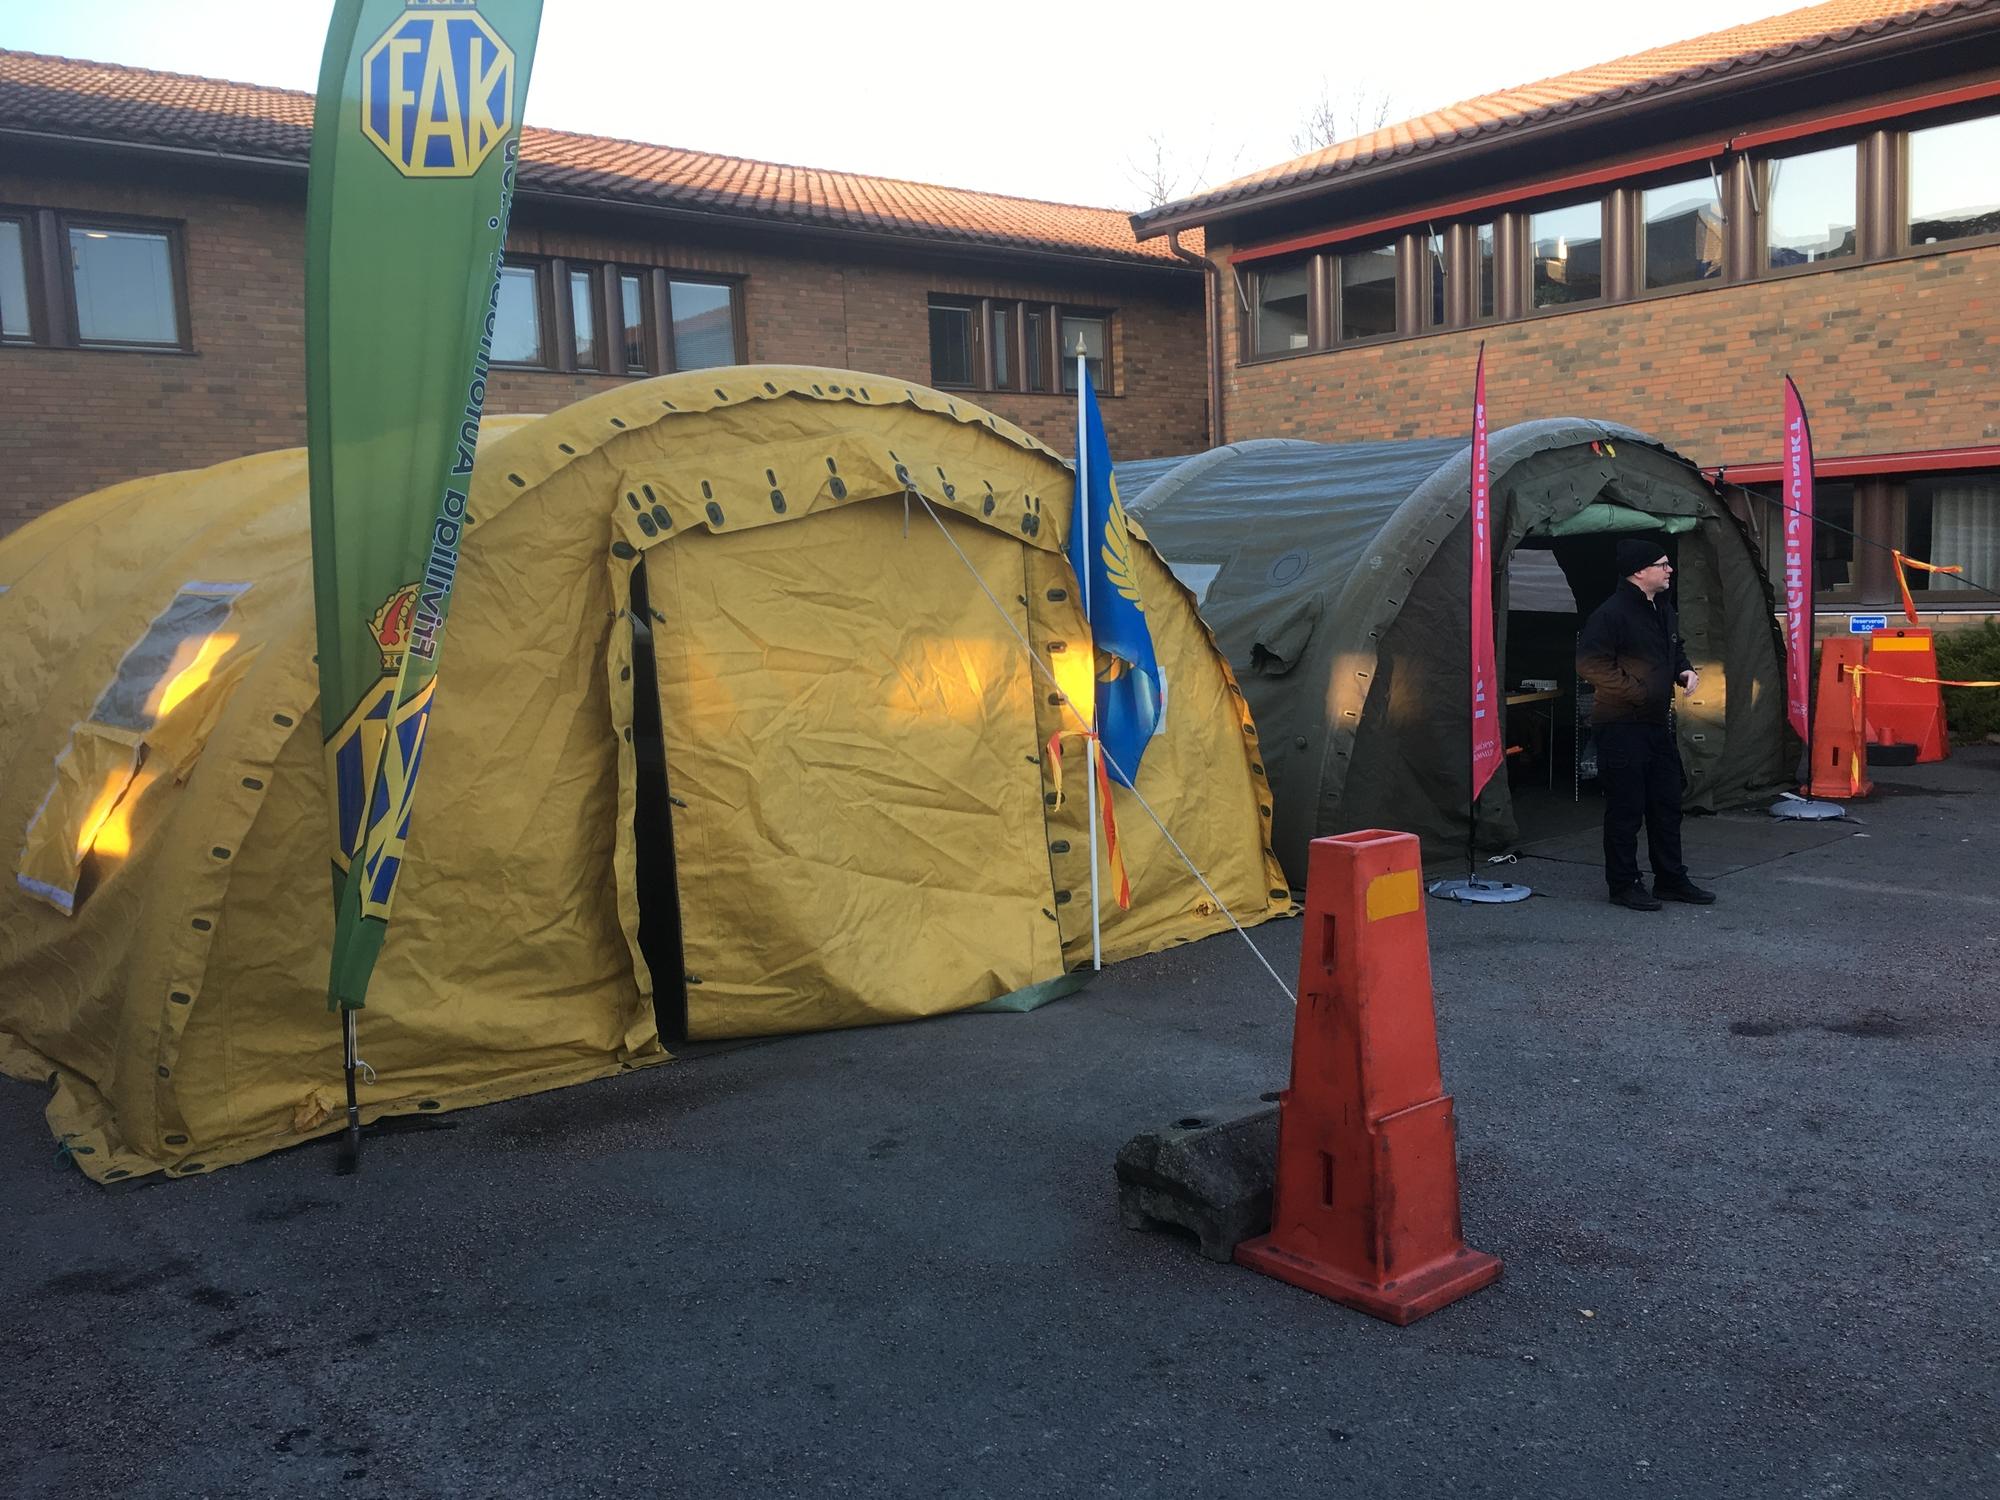 FAK F standby att resa tält för provtagning vid